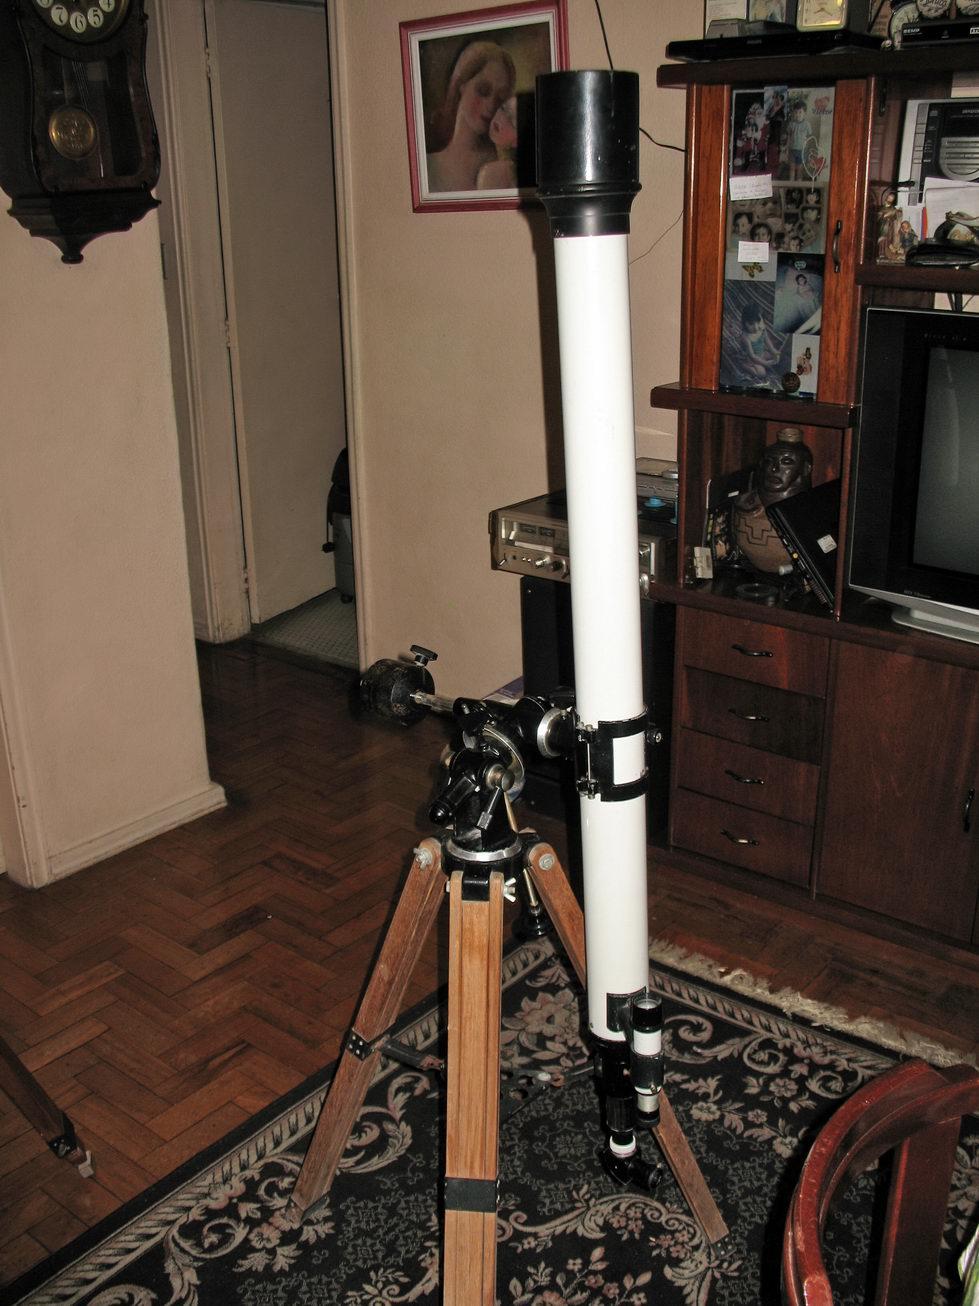 Refrator 76.2mm f/16 à venda GEQ Ykx90